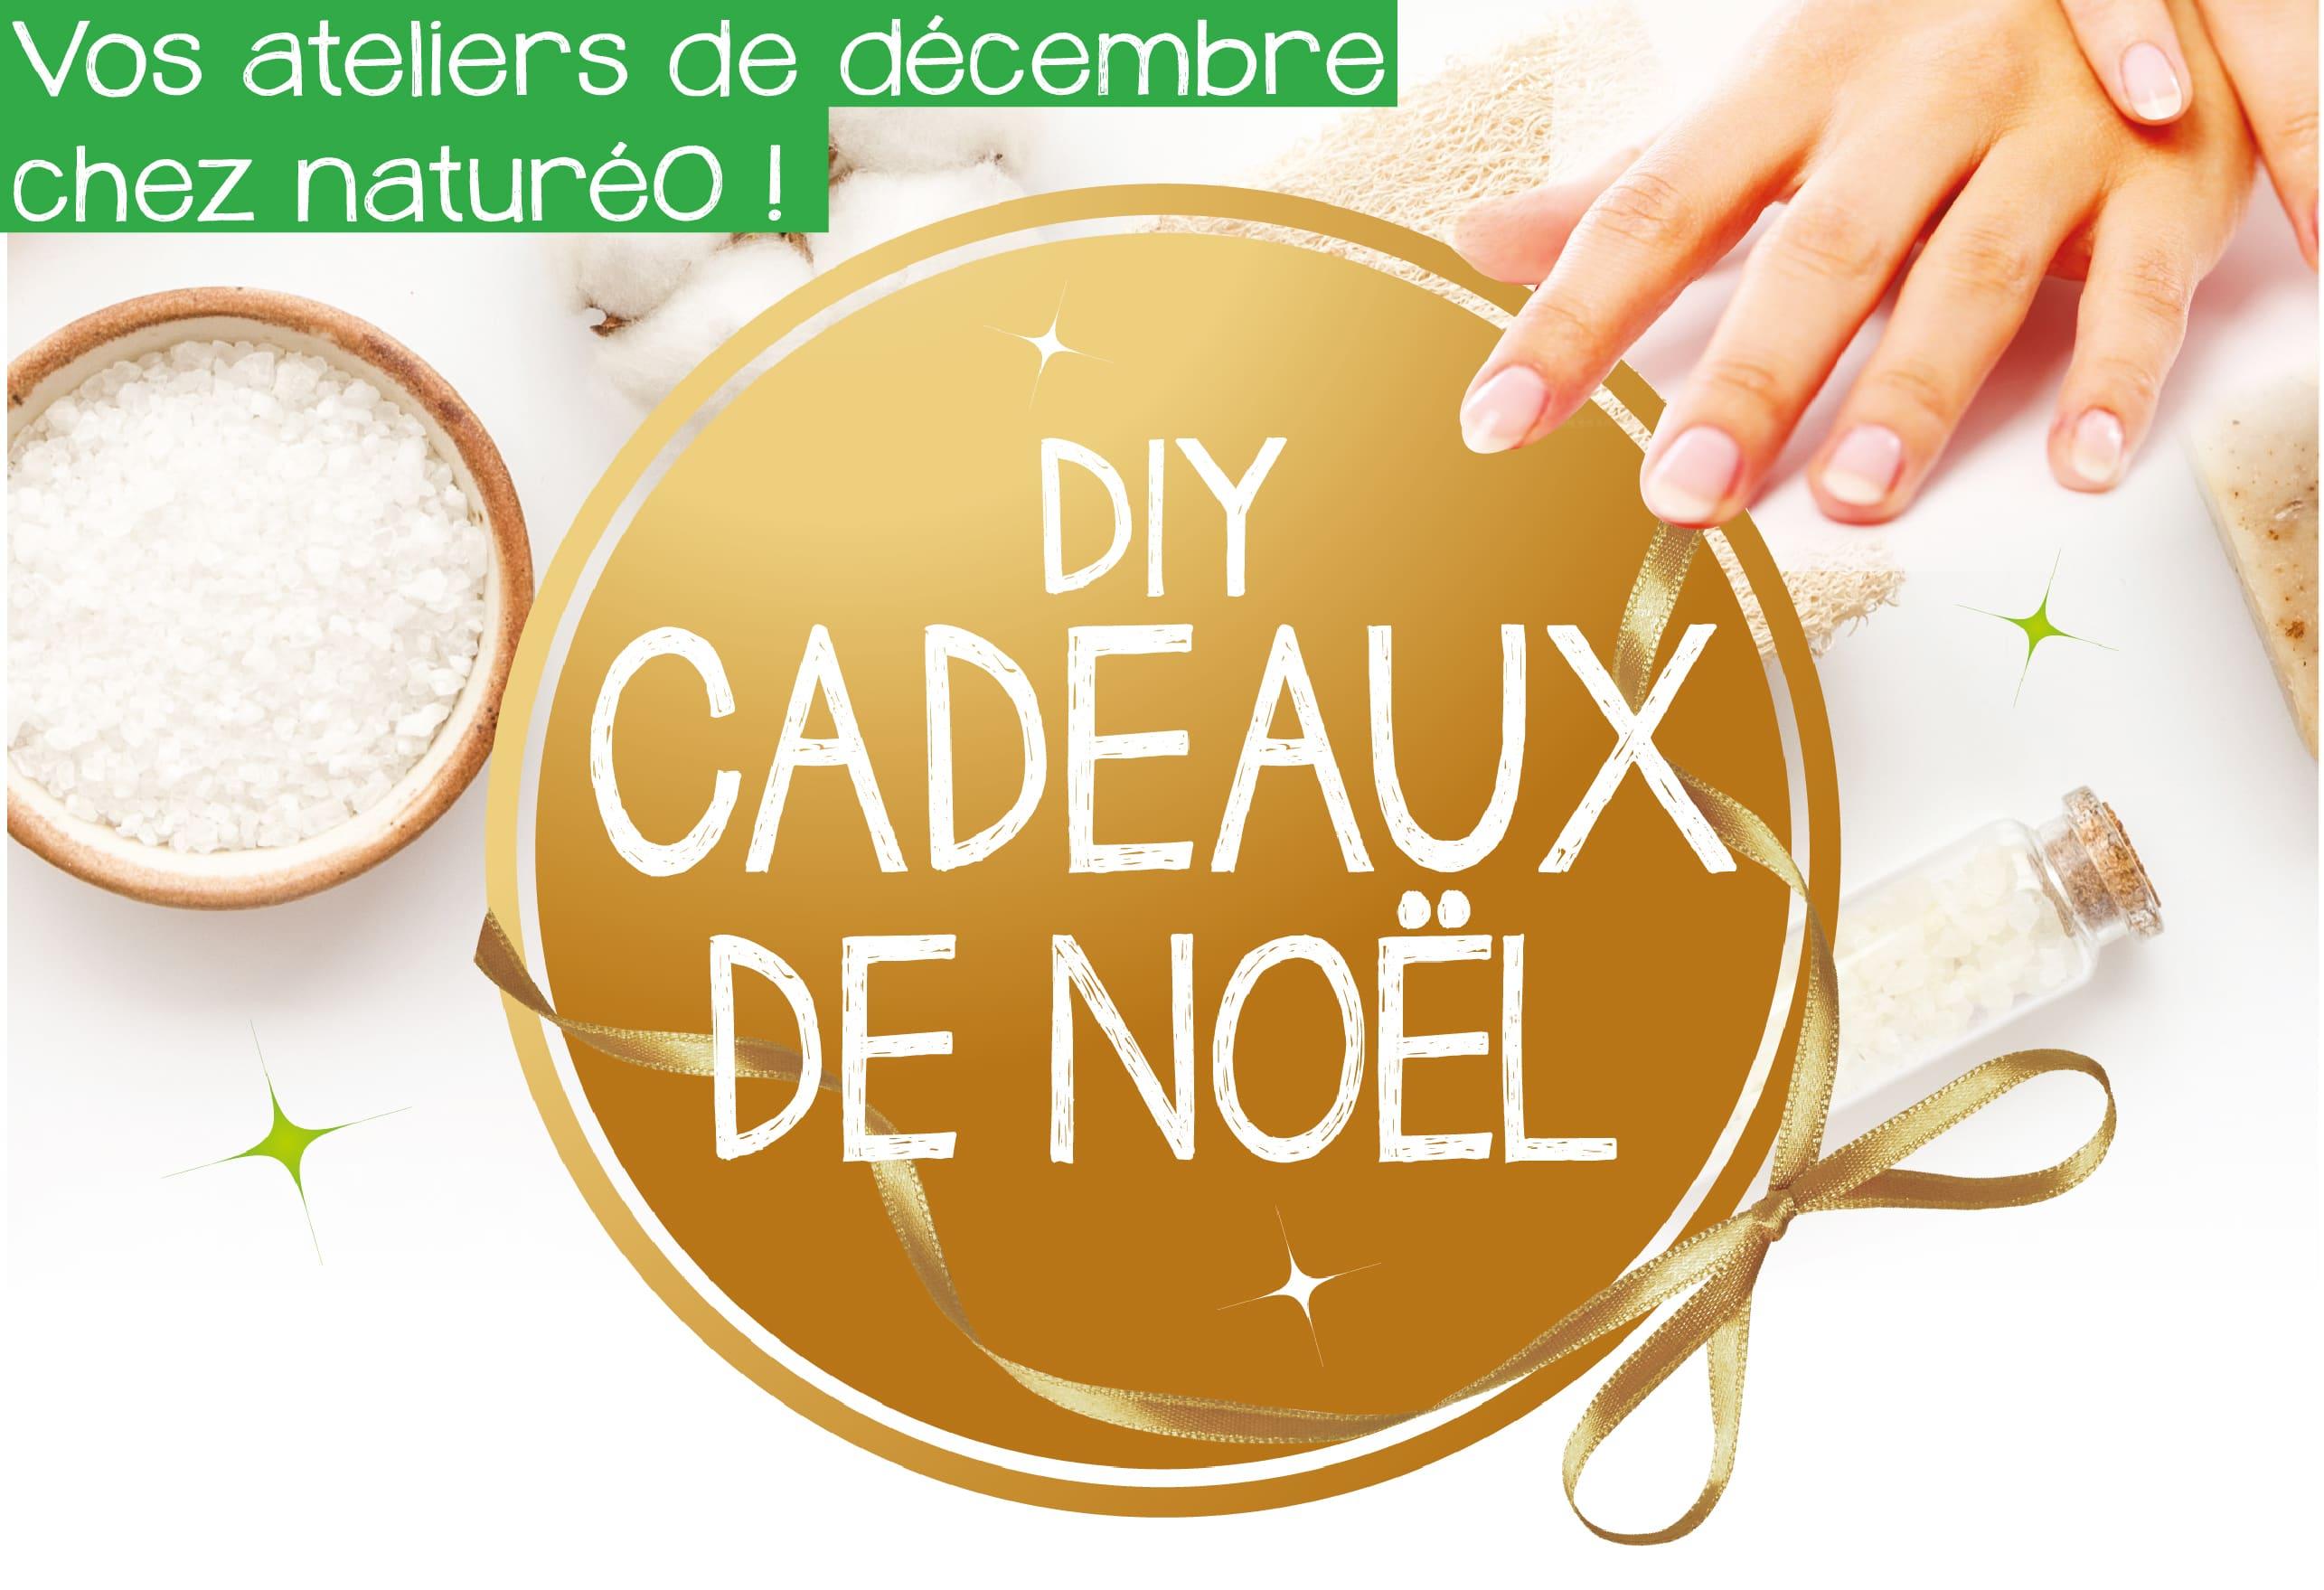 DIY DÉCEMBRE : CADEAUX DE NOËL